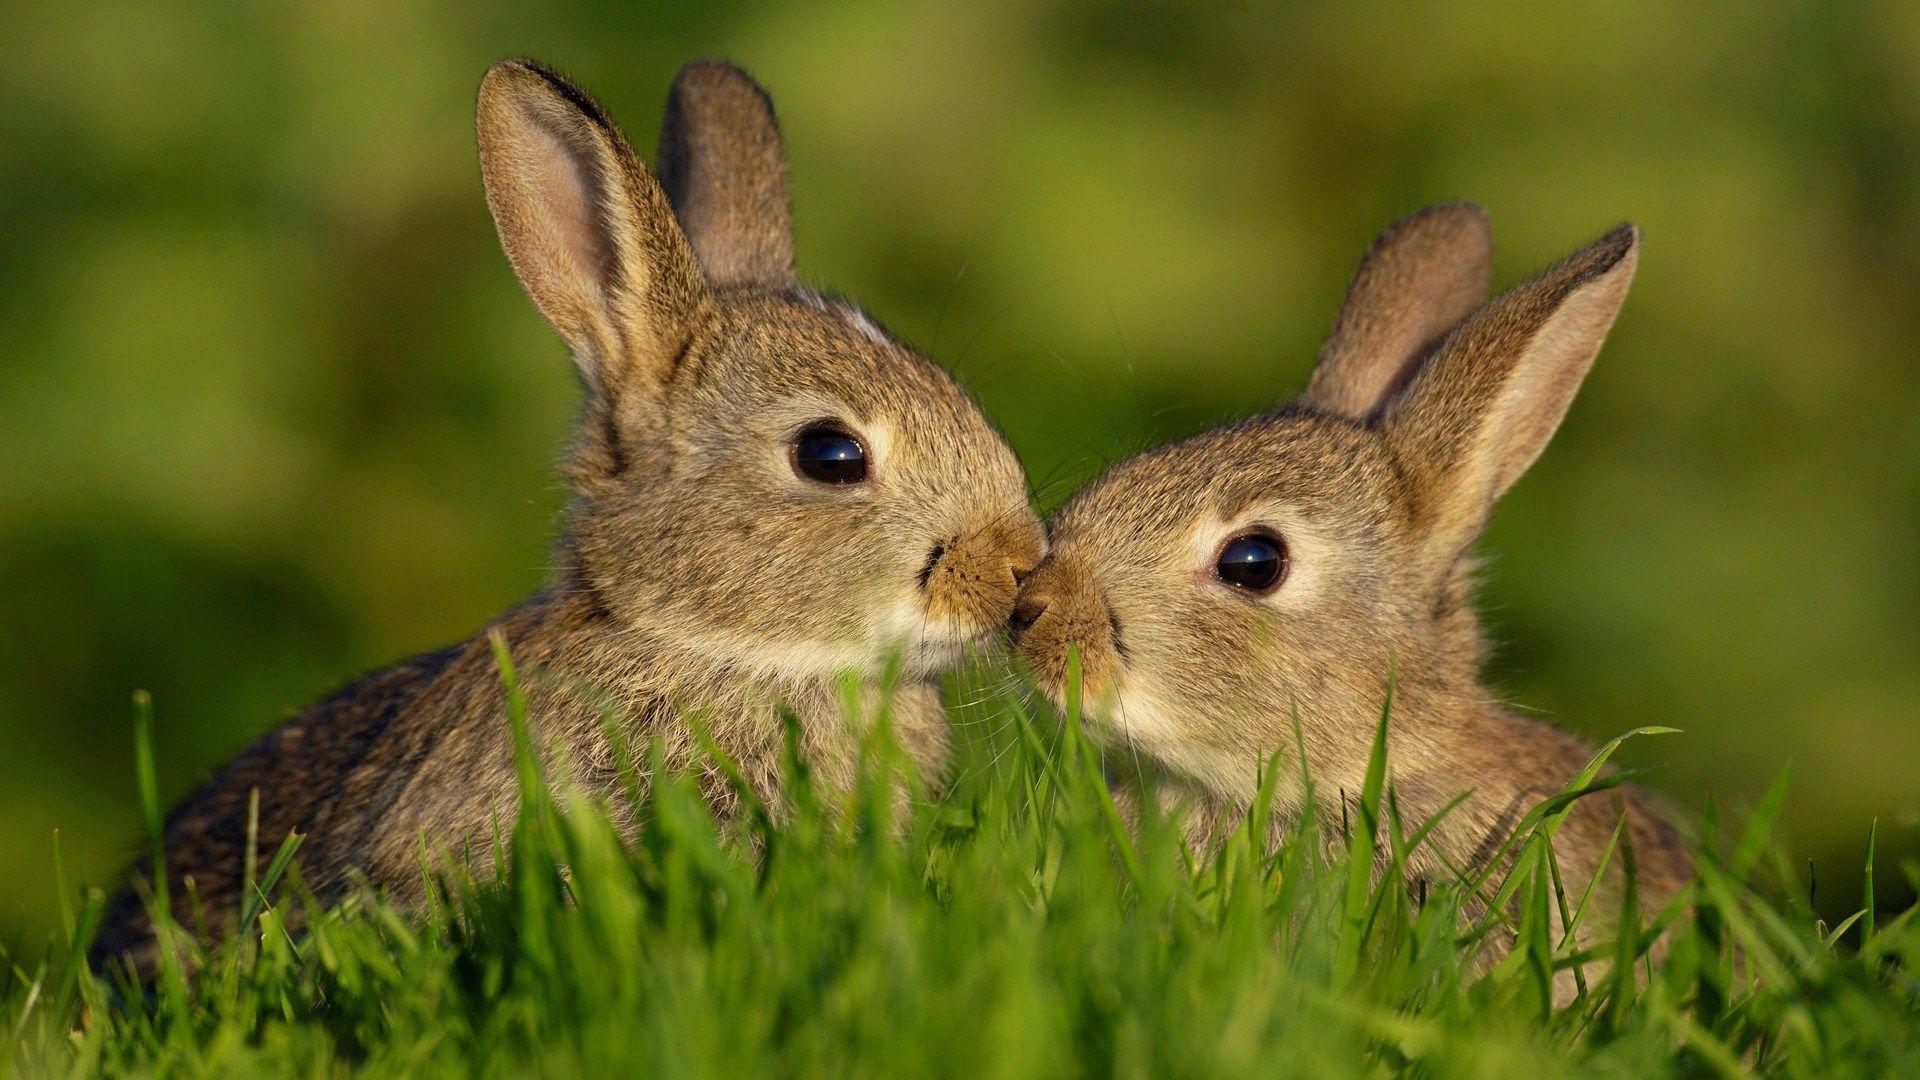 2017-03-23 - rabbit wallpaper full hd, #1419212 | sharovarka